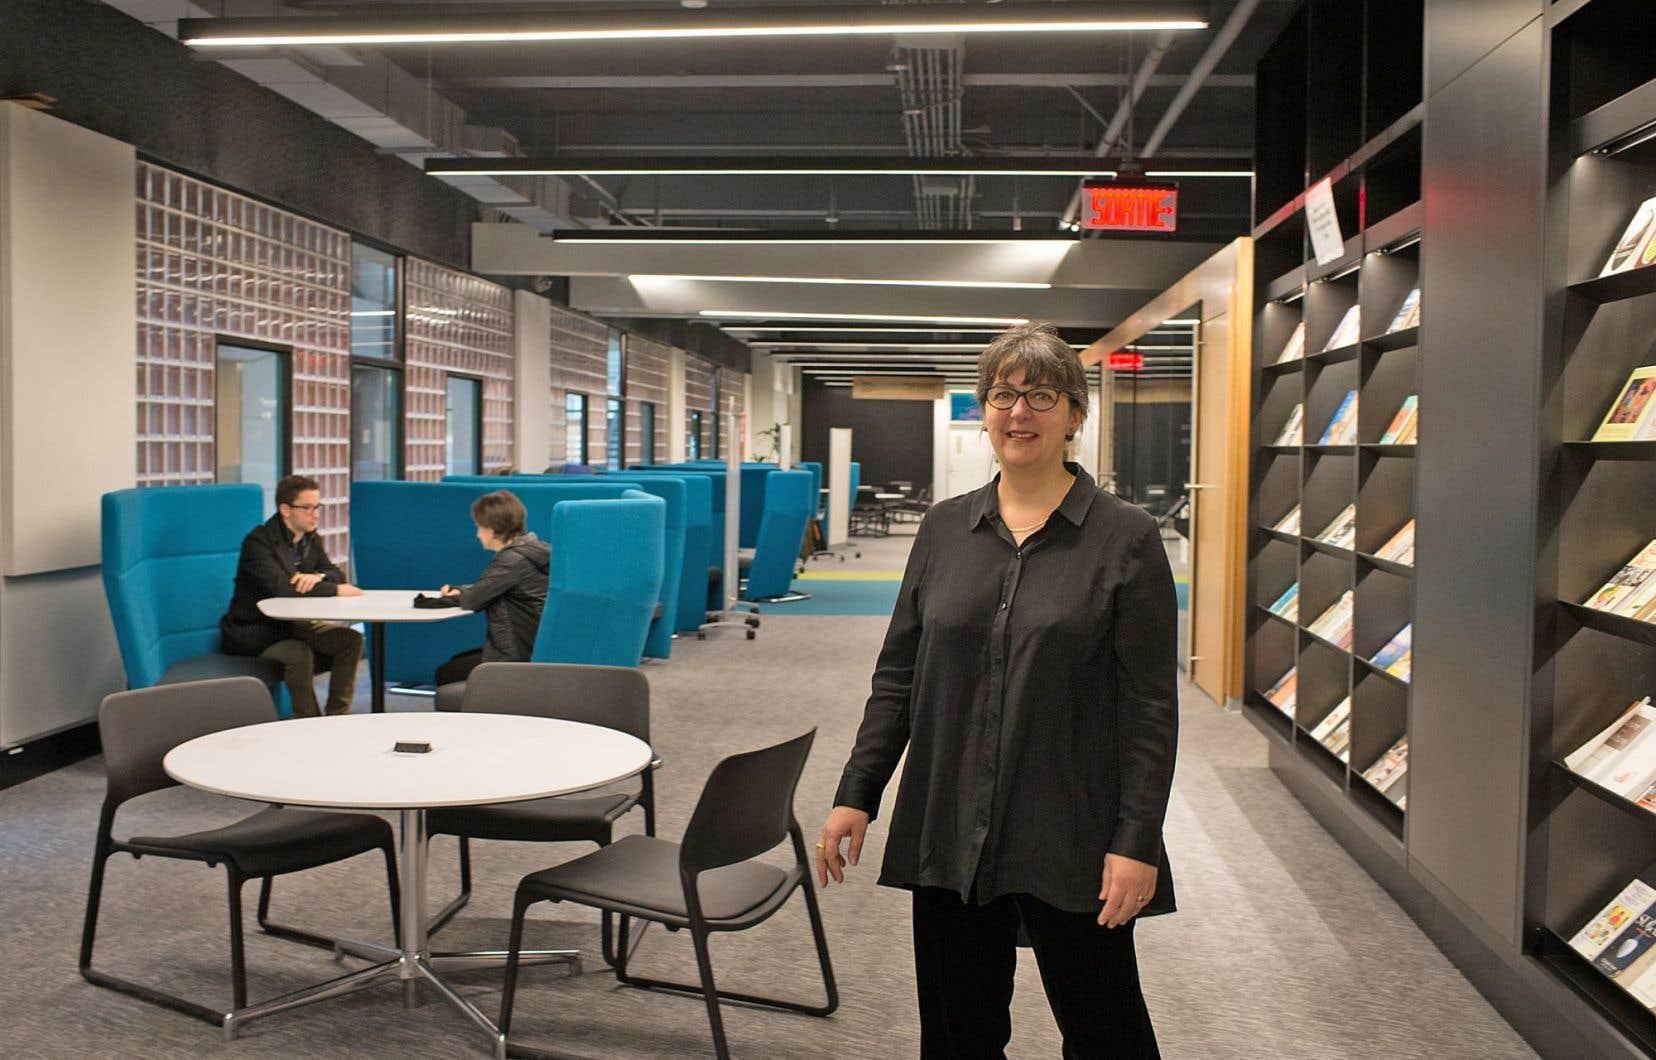 La bibliothécaire en chef de Concordia, Guylaine Beaudry, est persuadée que la rénovation de la bibliothèque de l'université saura plaire aux étudiants et peut-être, qui sait, leur donner le coup de pouce nécessaire pour réussir.